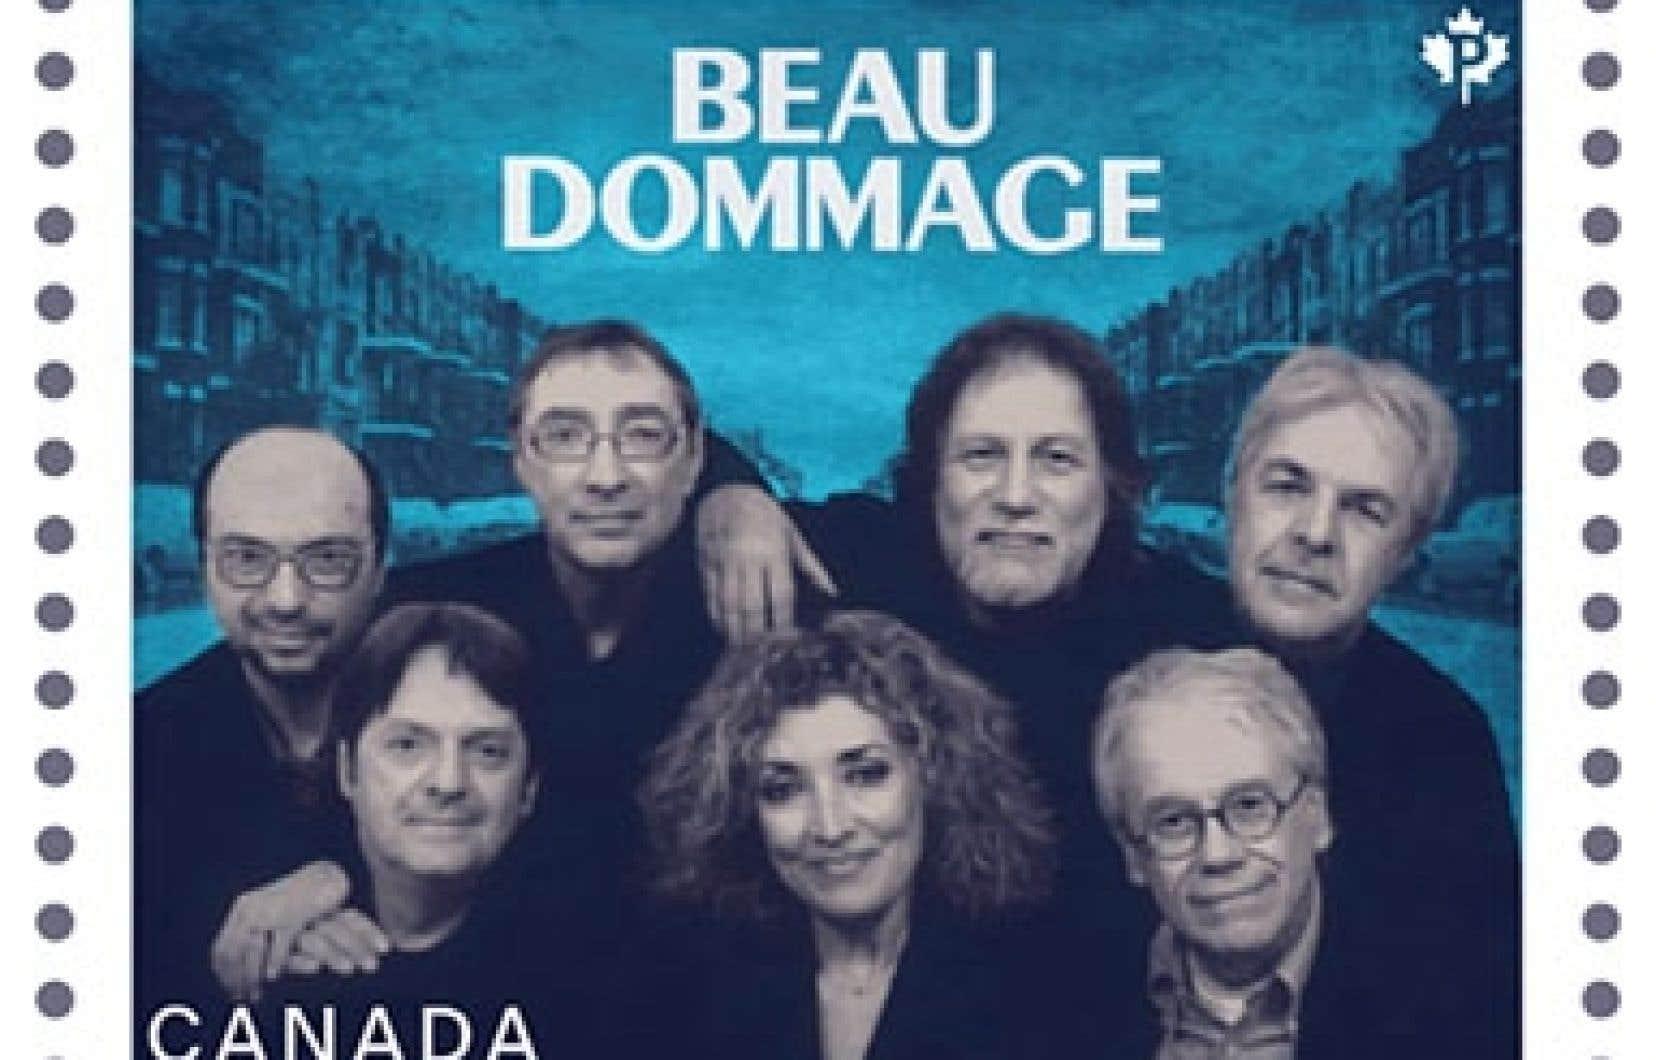 Postes Canada a créé un timbre avec la photo des sept membres du groupe prise en 2009 avec, à l'arrière, le décor de la rue Saint-Denis.